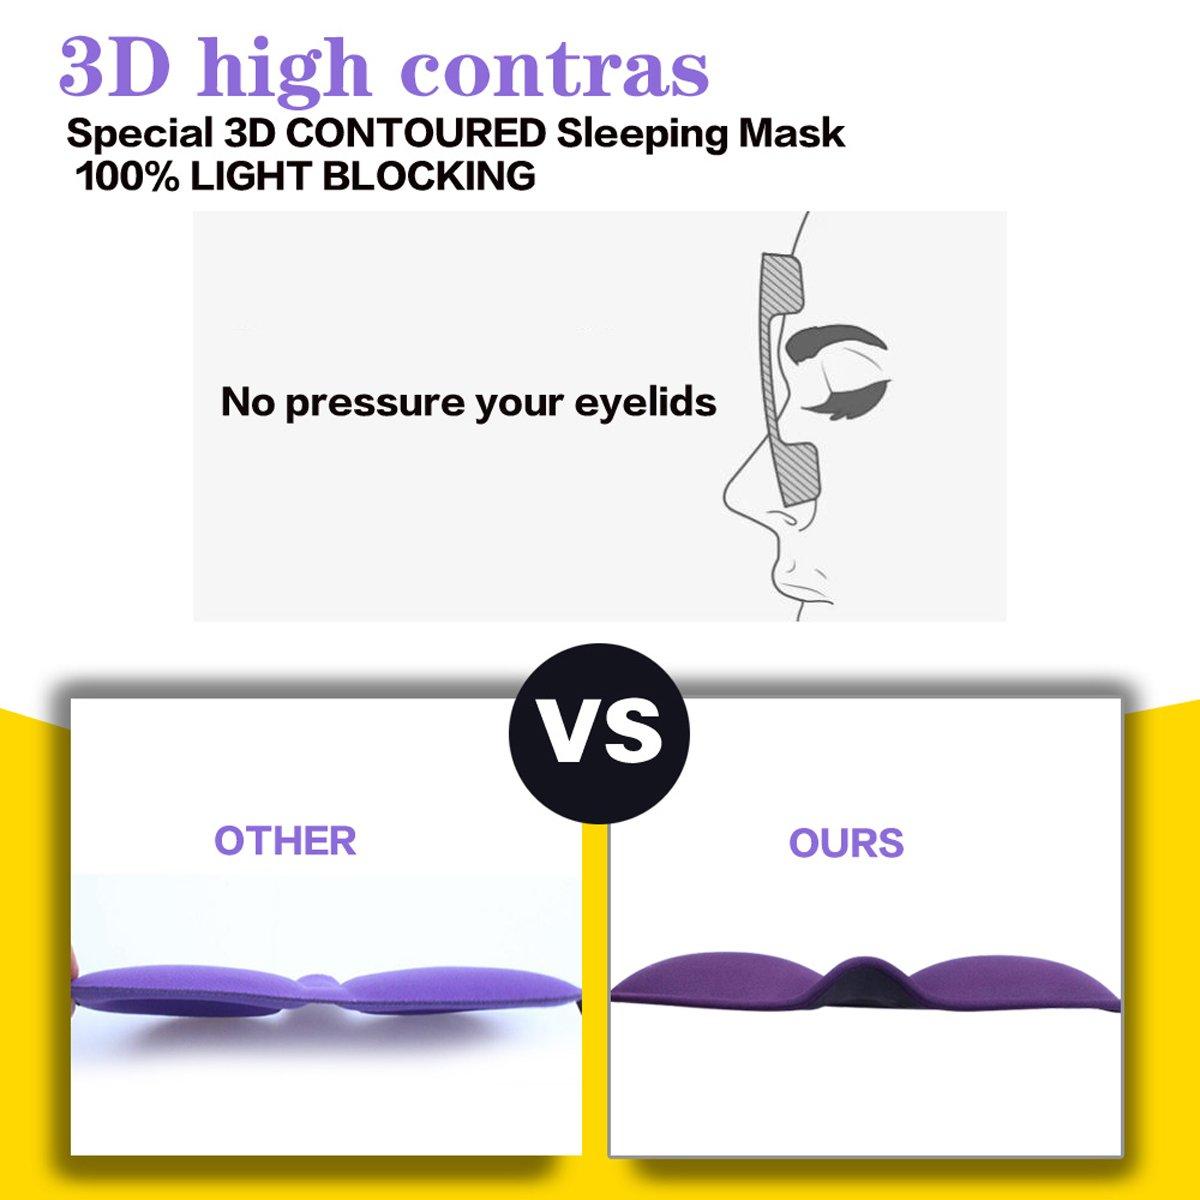 .3D Sleep Mask (Any machineable New Design 2 Pack) Eye Mask for Sleeping Locking Light 100%-Never Broken - Blindfold Airplane mask- Night Blinder Eyeshade for Men Women by leeken (Image #4)